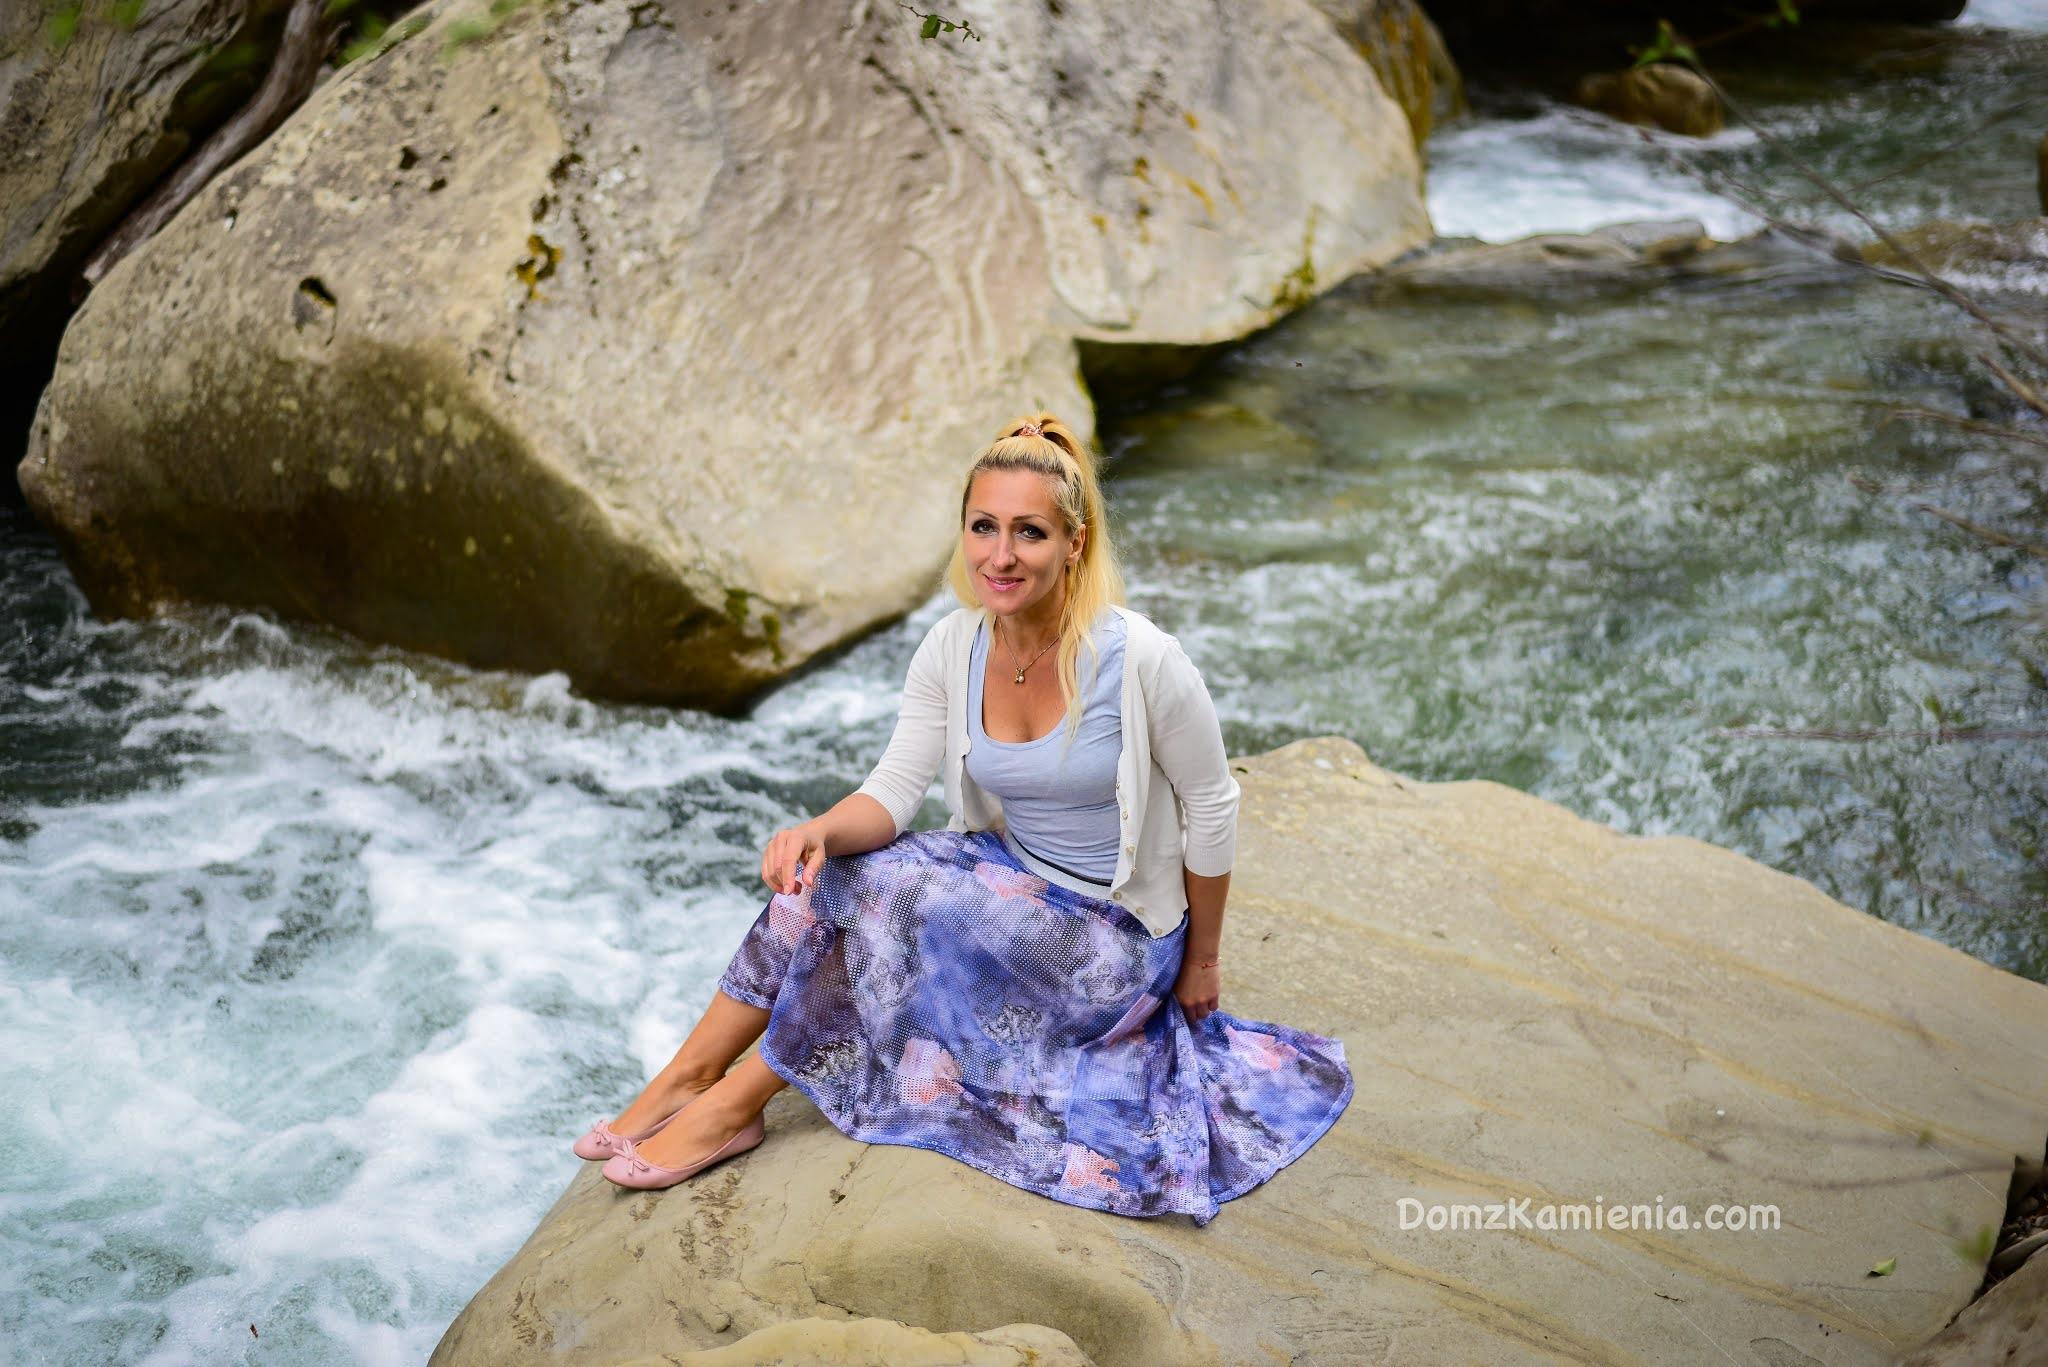 Kasia z Domu z Kamienia, blog o Toskanii